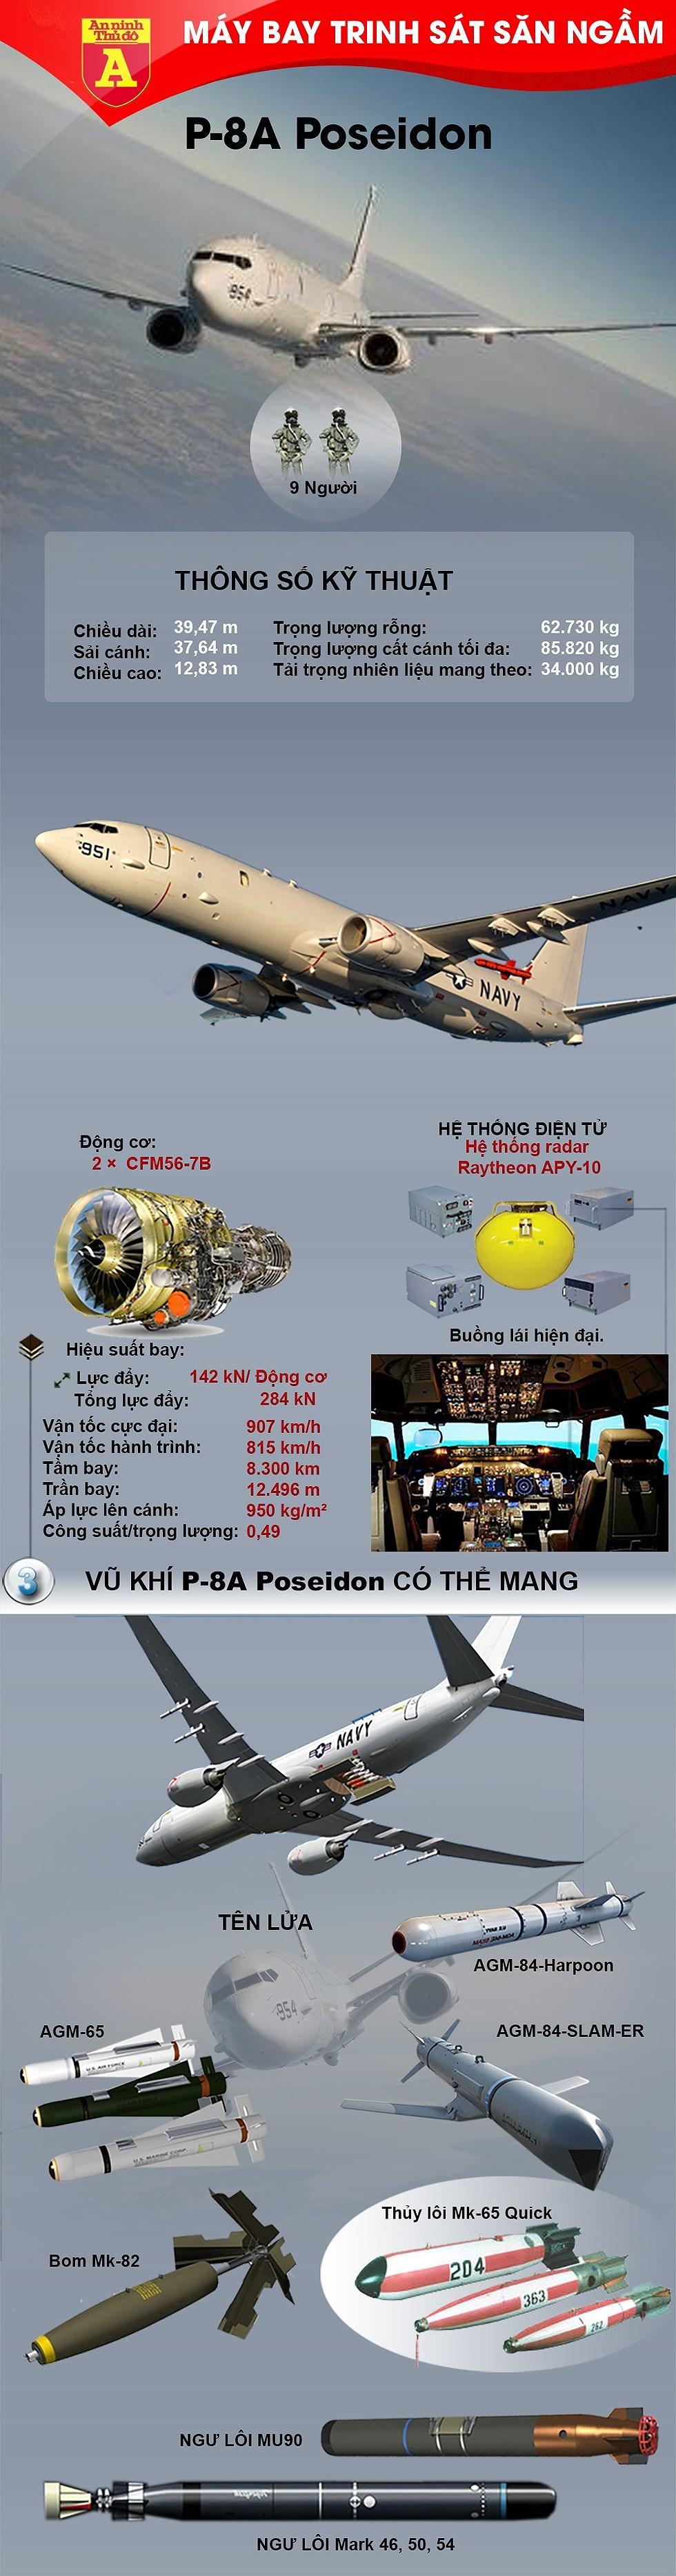 """[Infographics] Không bắn hạ """"thần biển"""" P-8A Poseidon Mỹ, pha né đòn đầy khôn ngoan của Iran - Ảnh 1"""